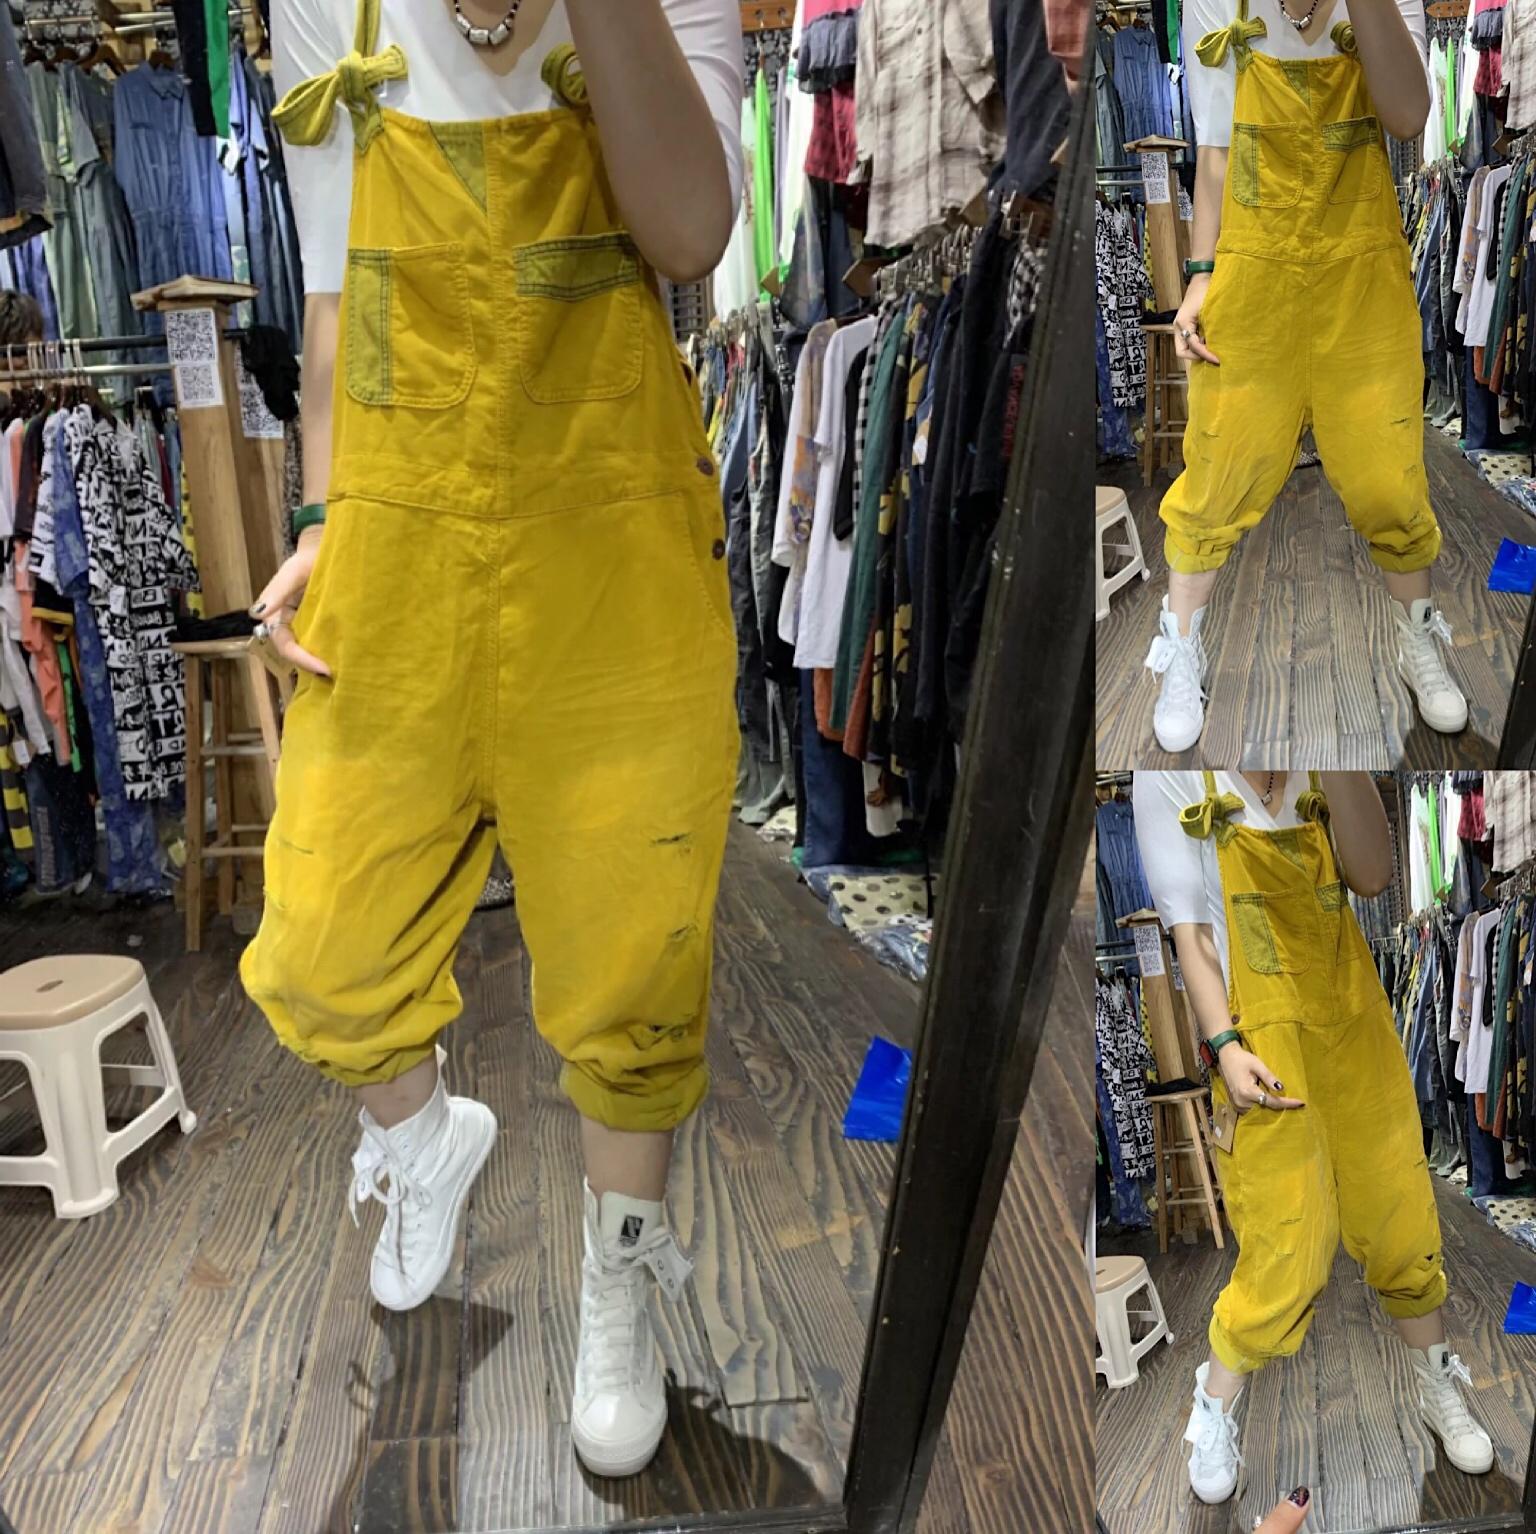 黄色牛仔裤 2021春季新款破洞磨白黄色牛仔背带裤女哈伦裤宽松大码显瘦百搭裤_推荐淘宝好看的黄色牛仔裤